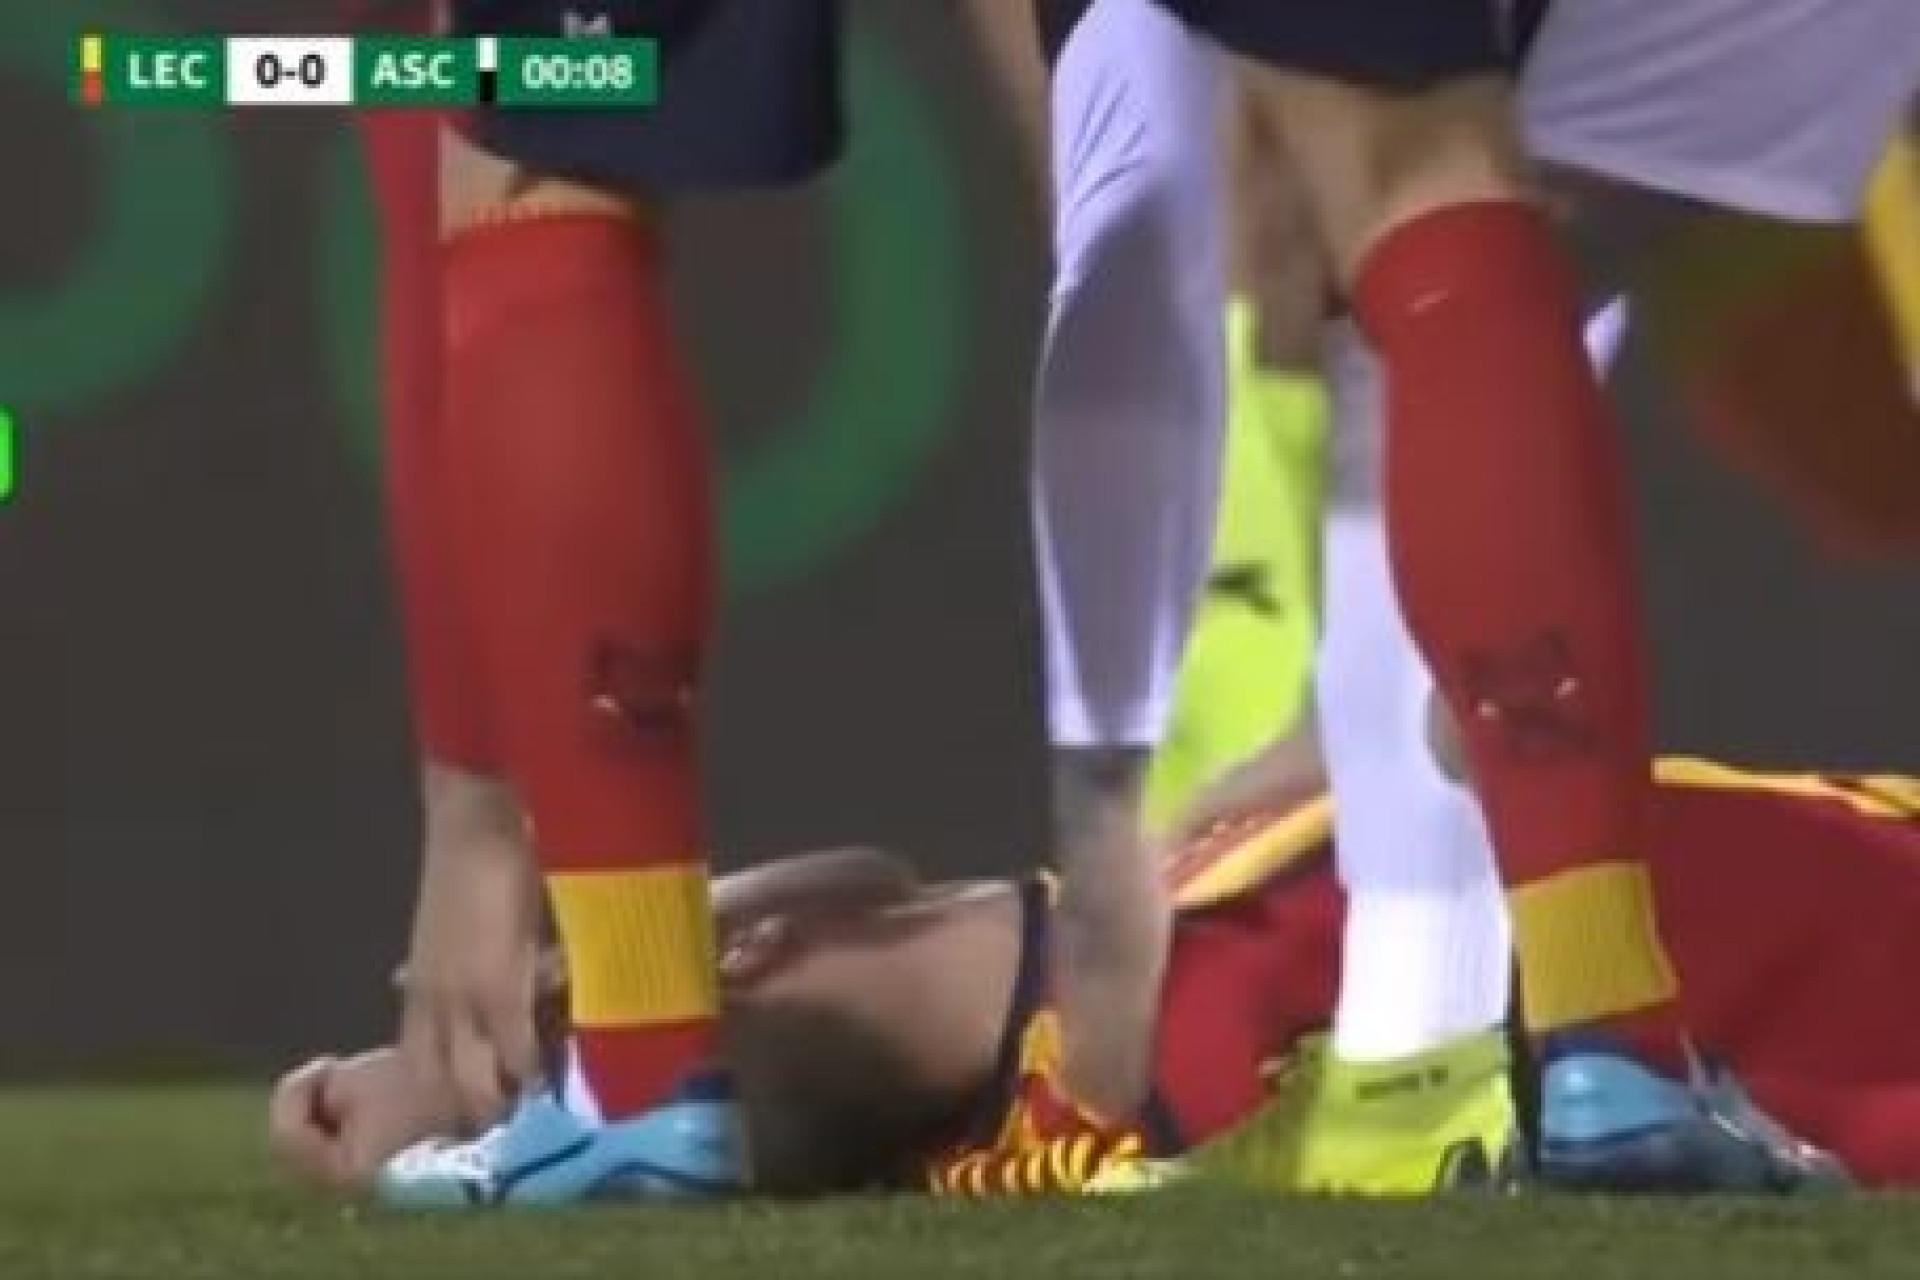 Pânico em Itália: Jogador cai inanimado em campo e o jogo é adiado